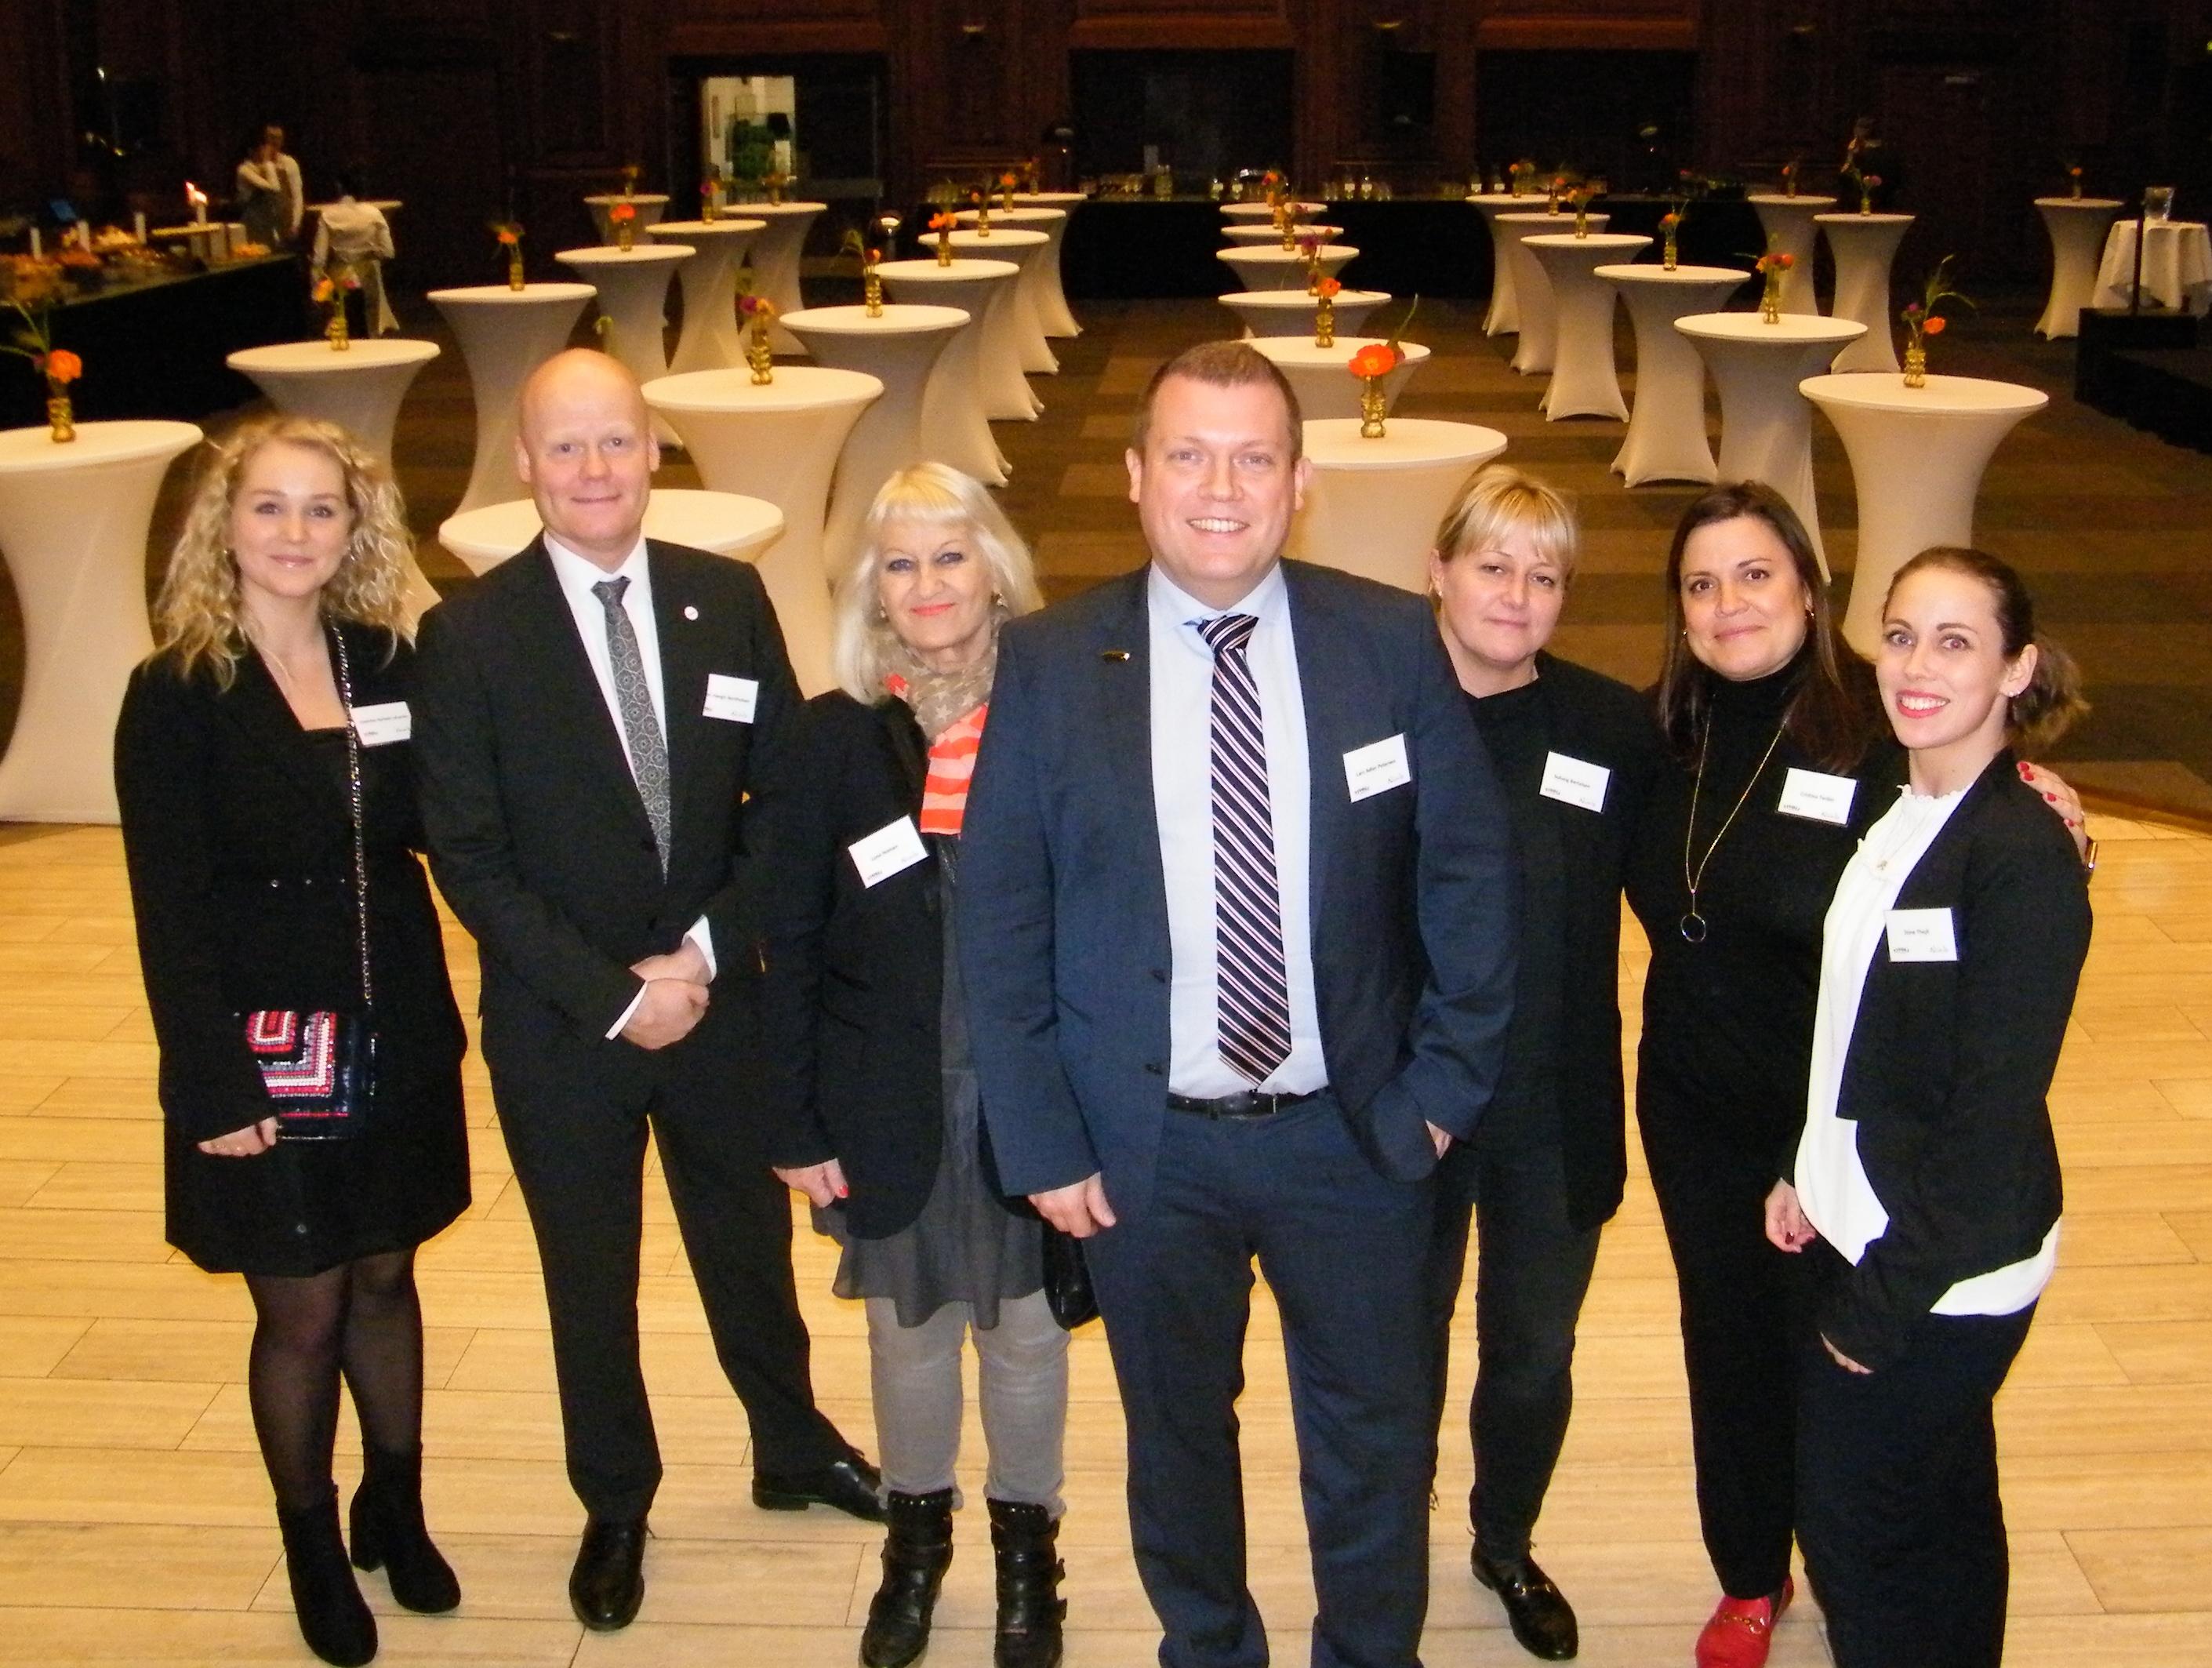 Chef for Tivolis B2B-salg, Lars Adler Petersen, i midten, med en del af hans team ved sammenkomsten torsdag på Axelborg. Foto: Henrik Baumgarten.